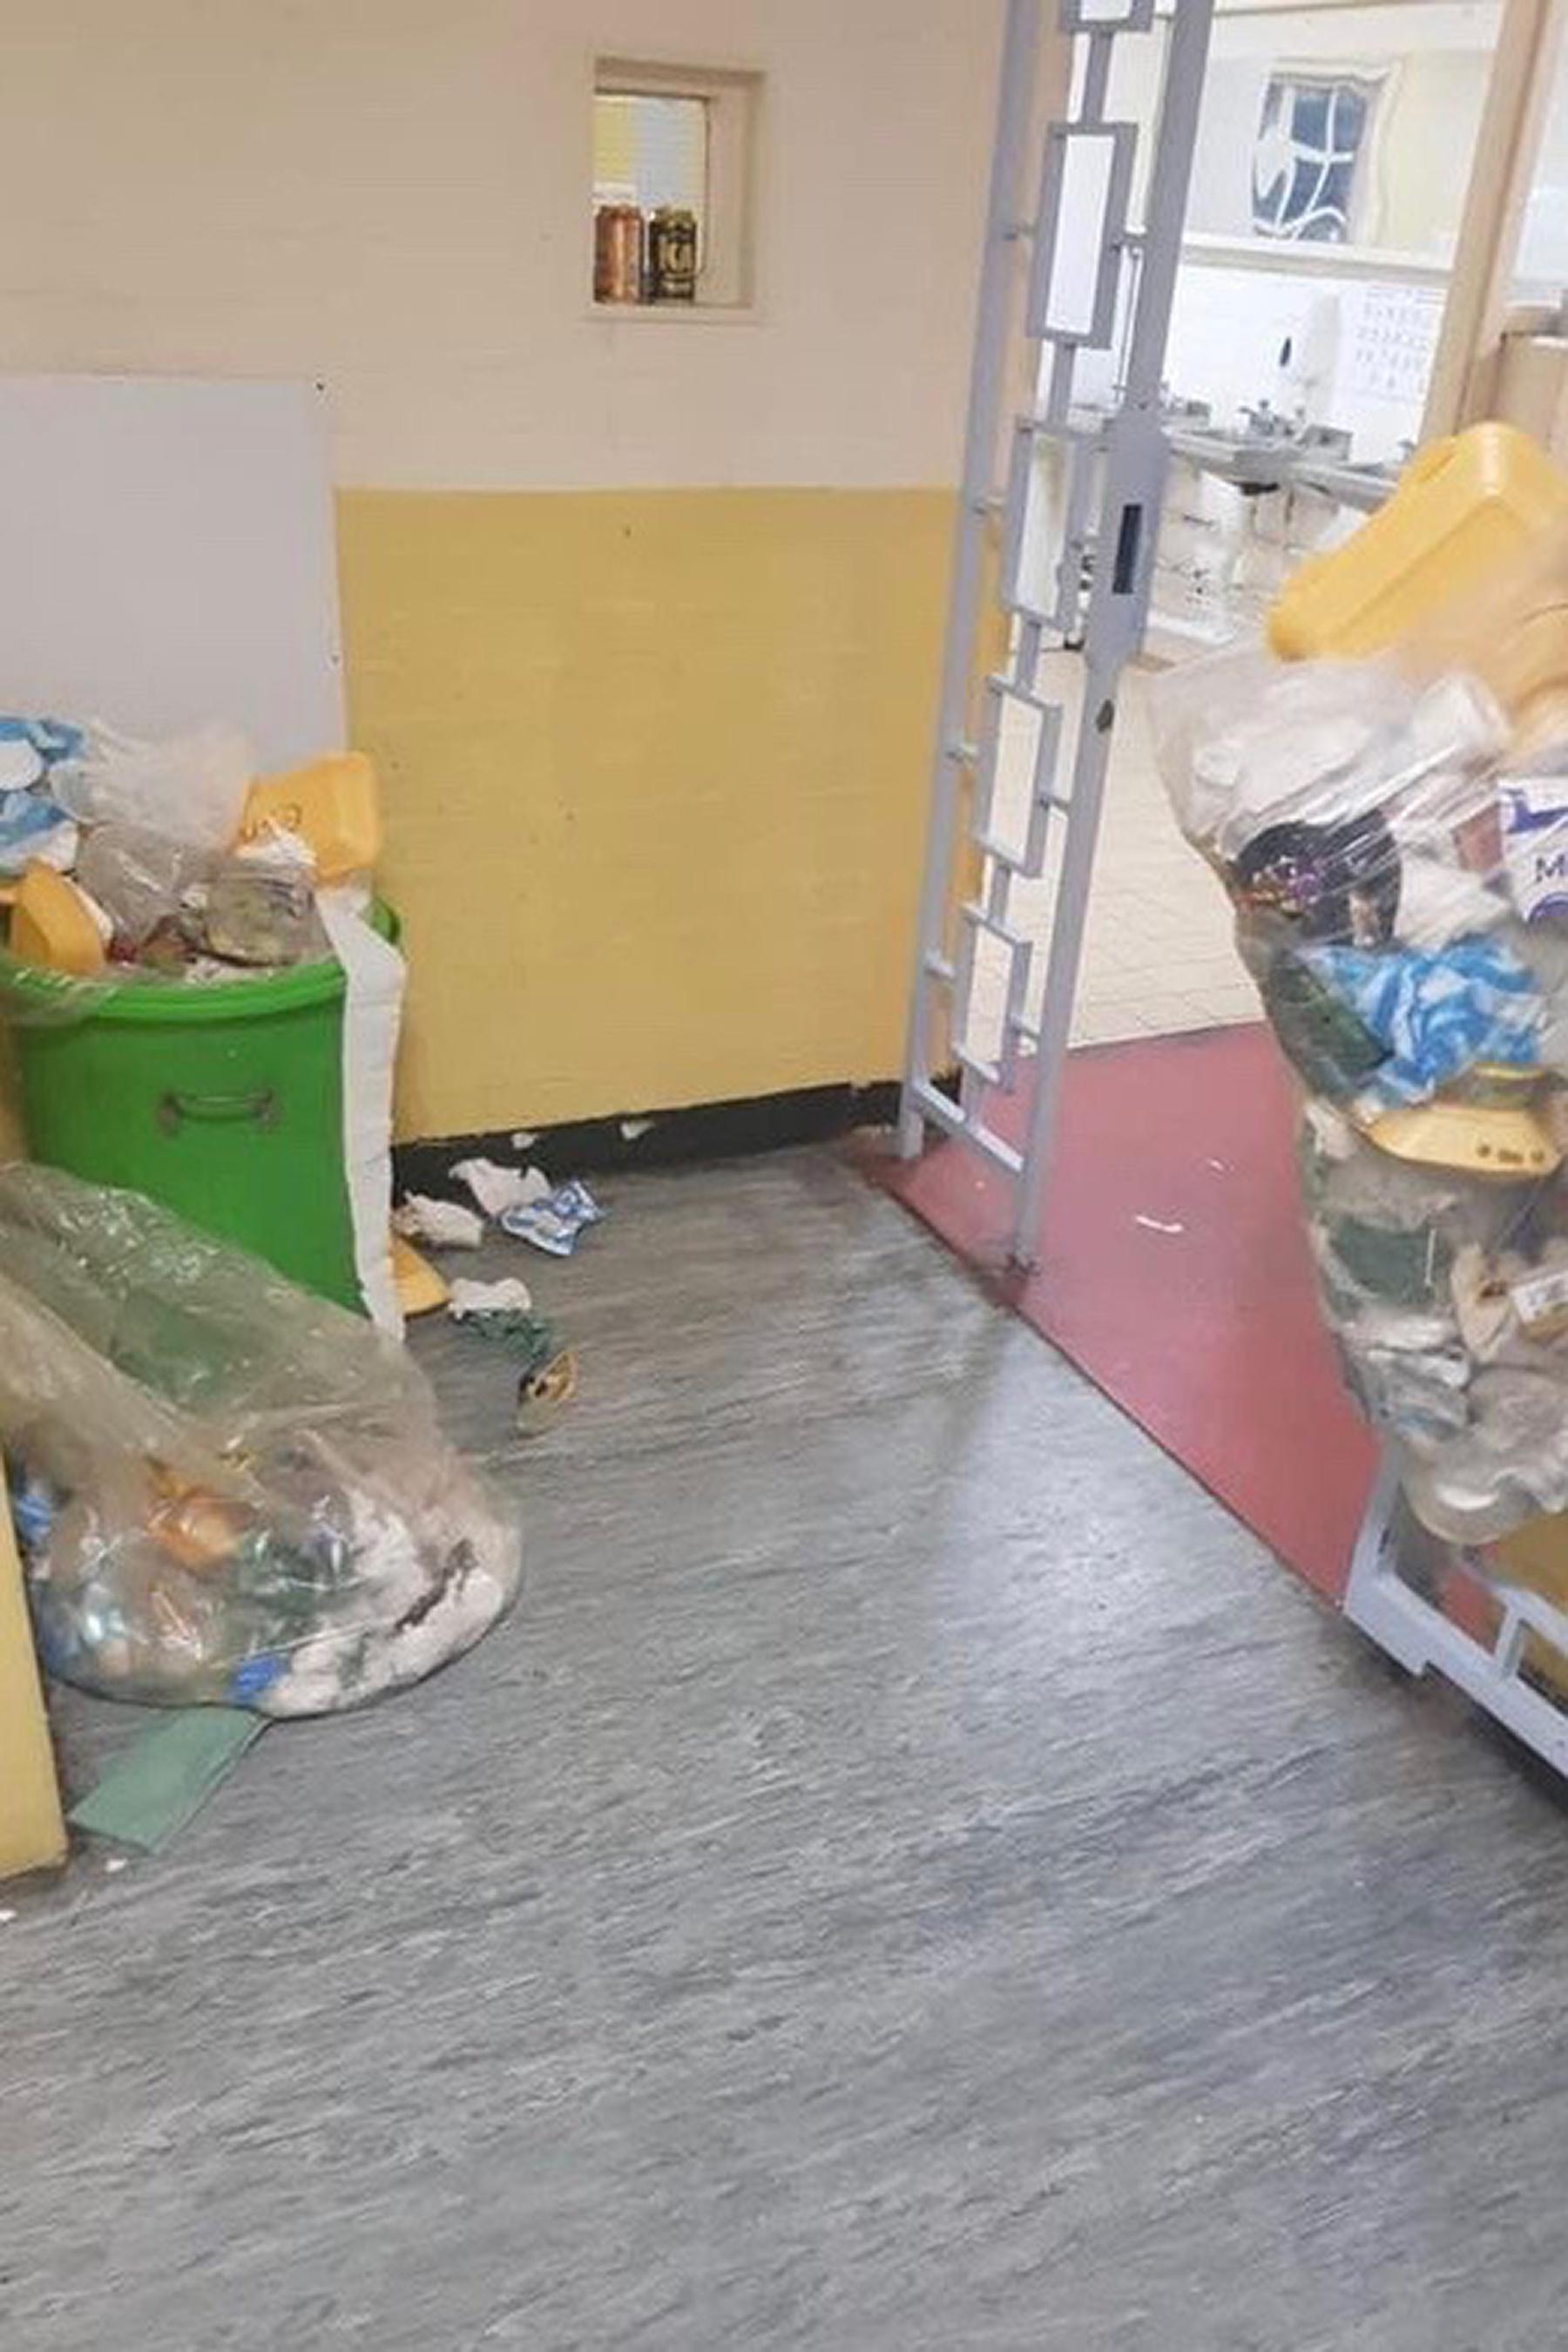 自产自装!英国一监狱为防止疫情扩散,要求囚犯将自己排泄物装袋